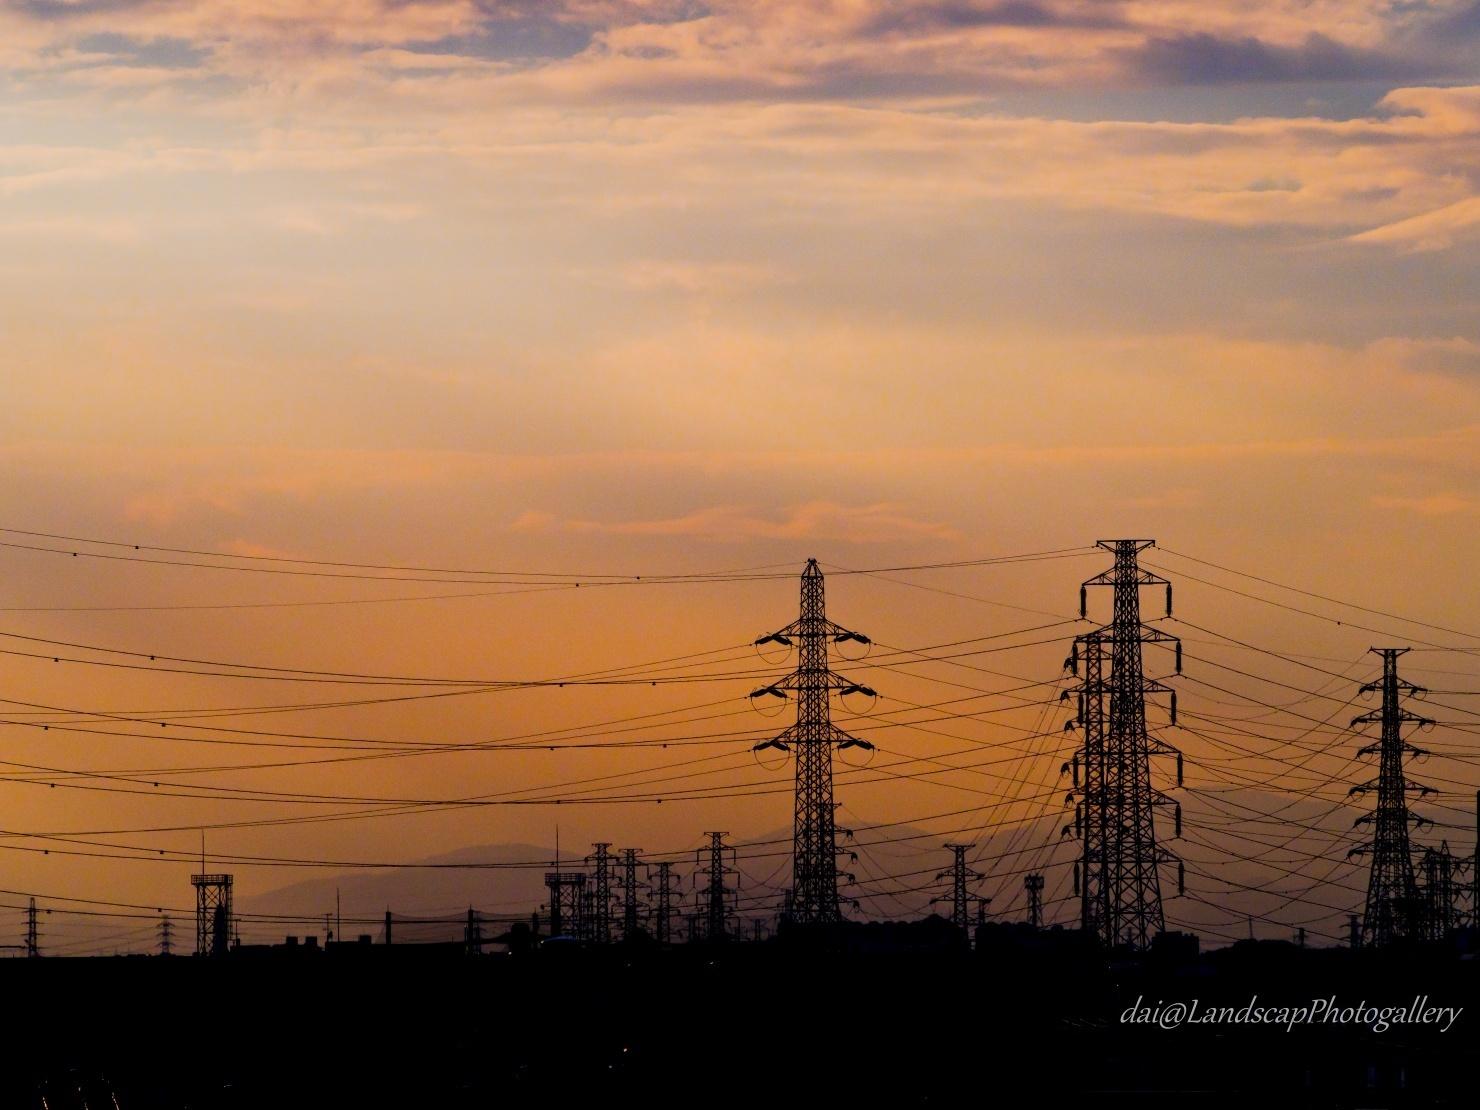 夕刻の鉄塔シルエット